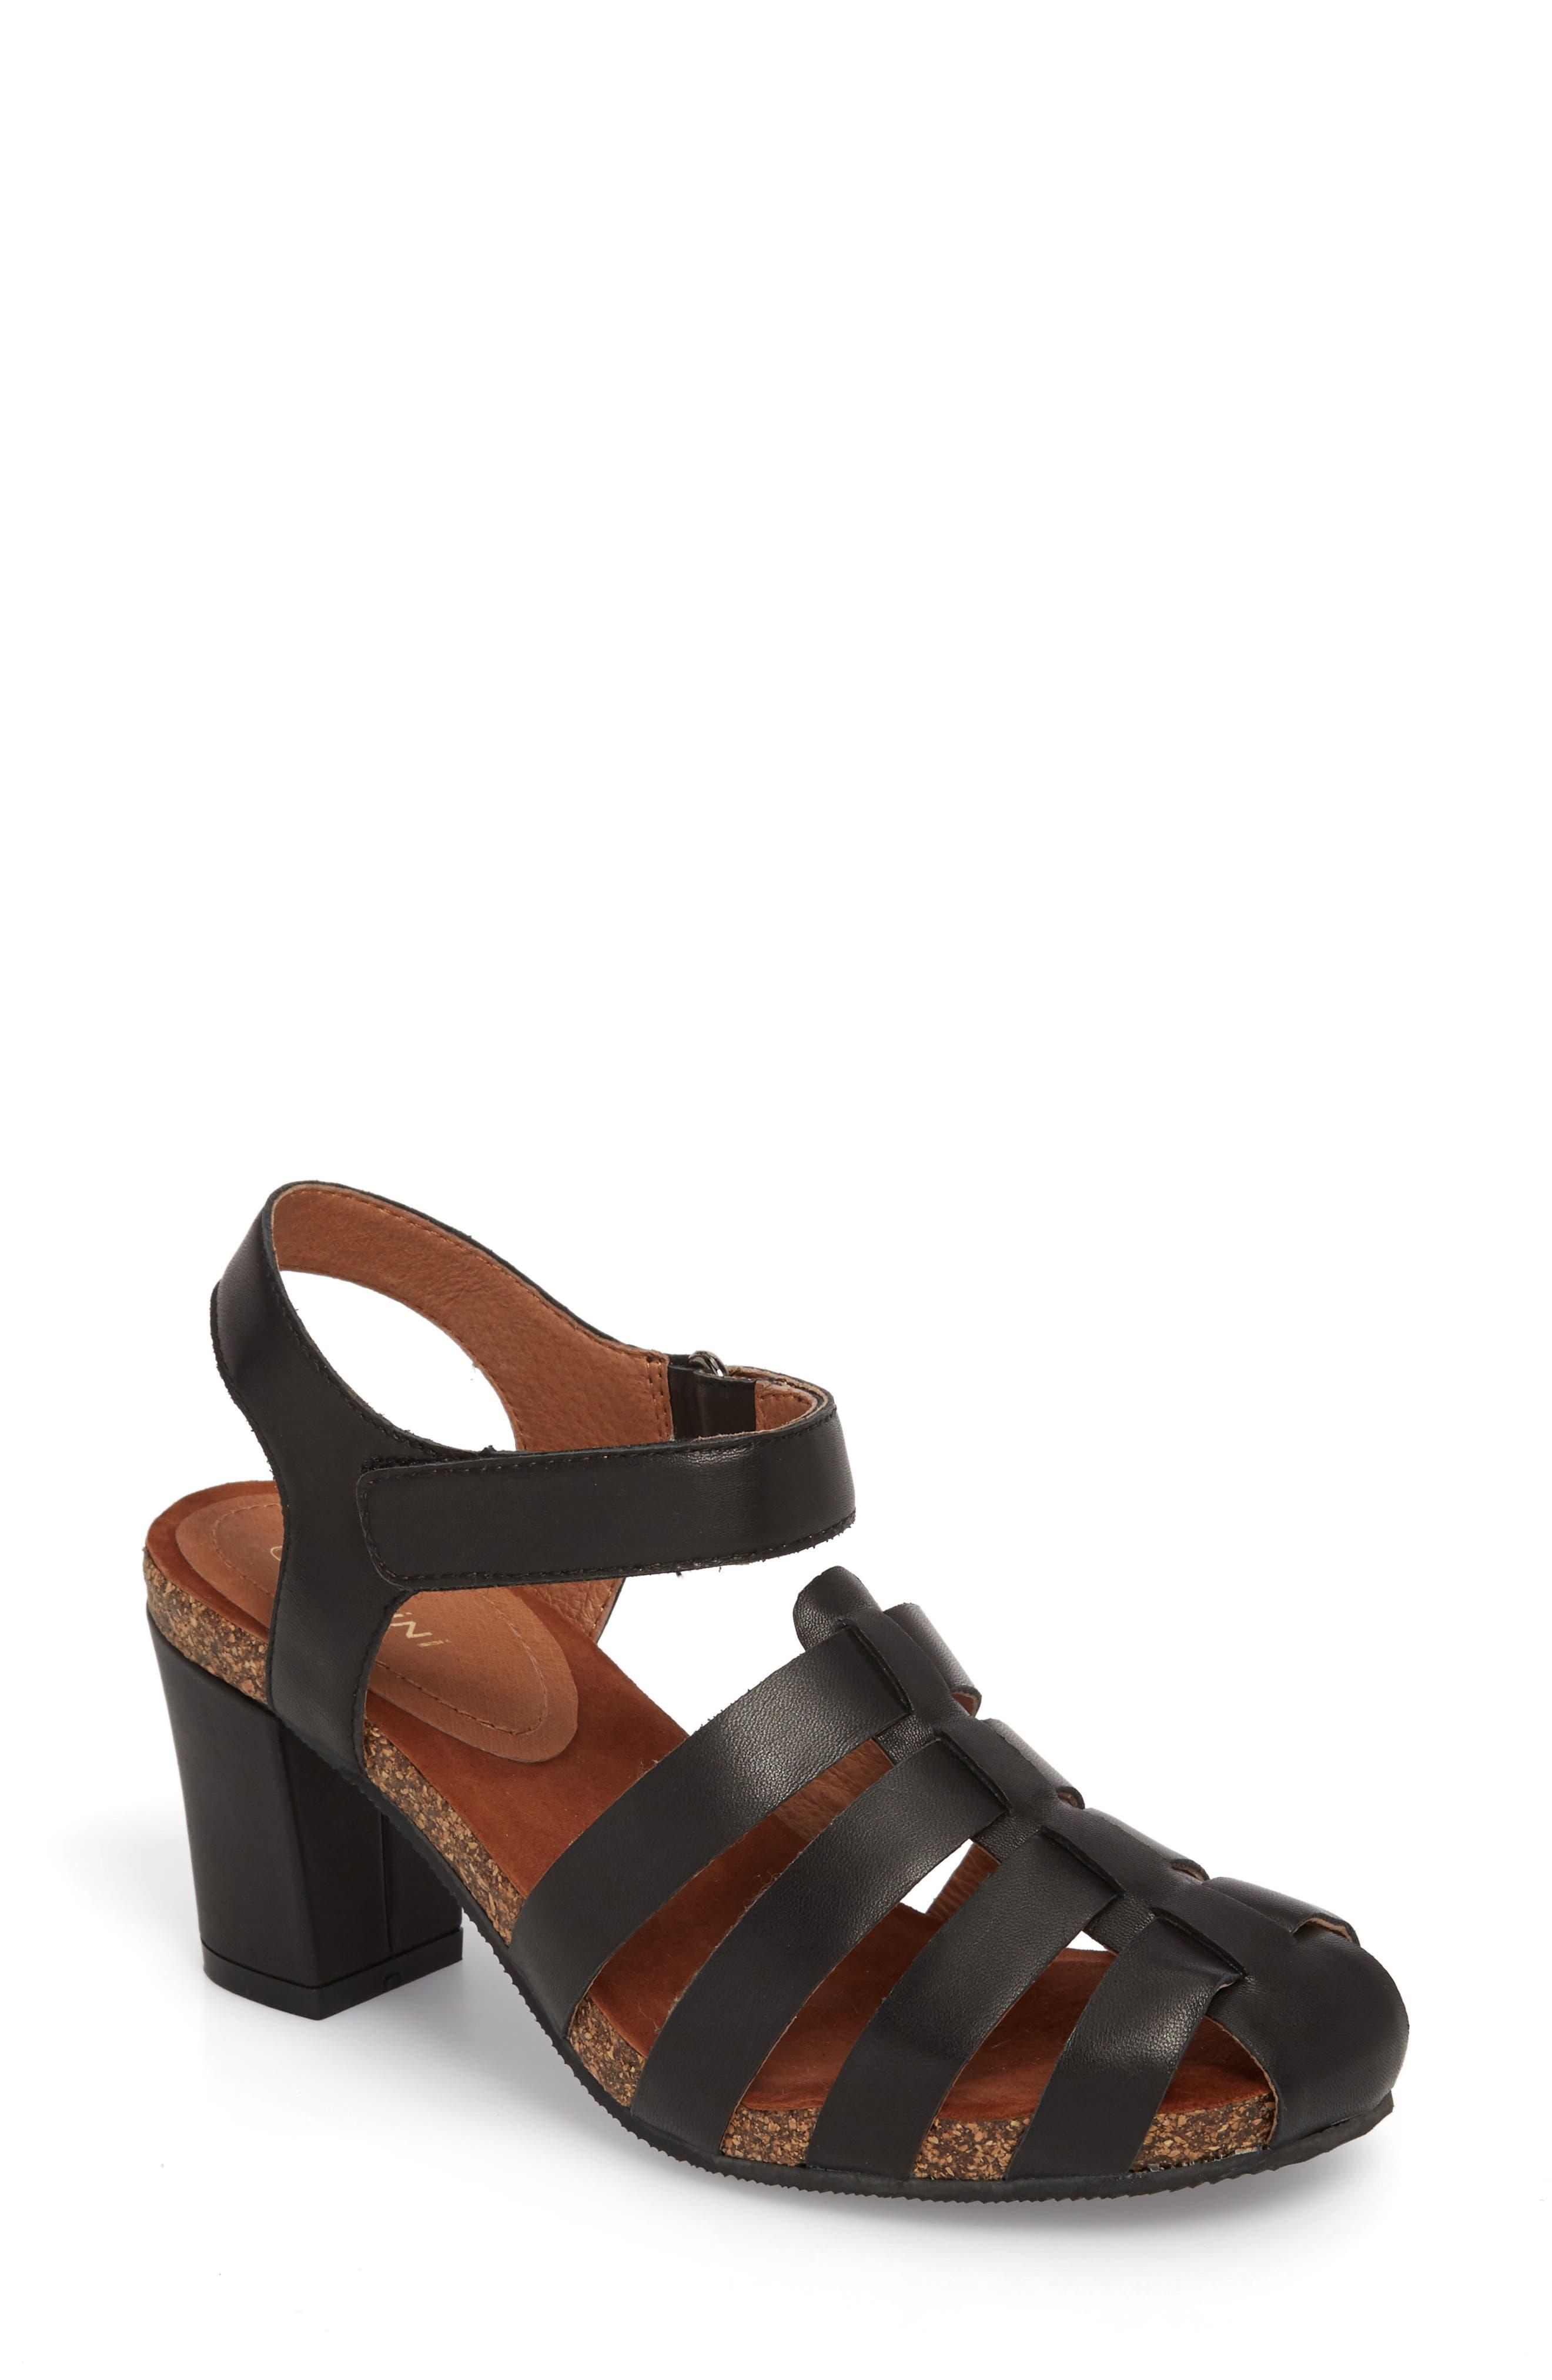 Sudini Carrara Block Heel Sandal W - Black